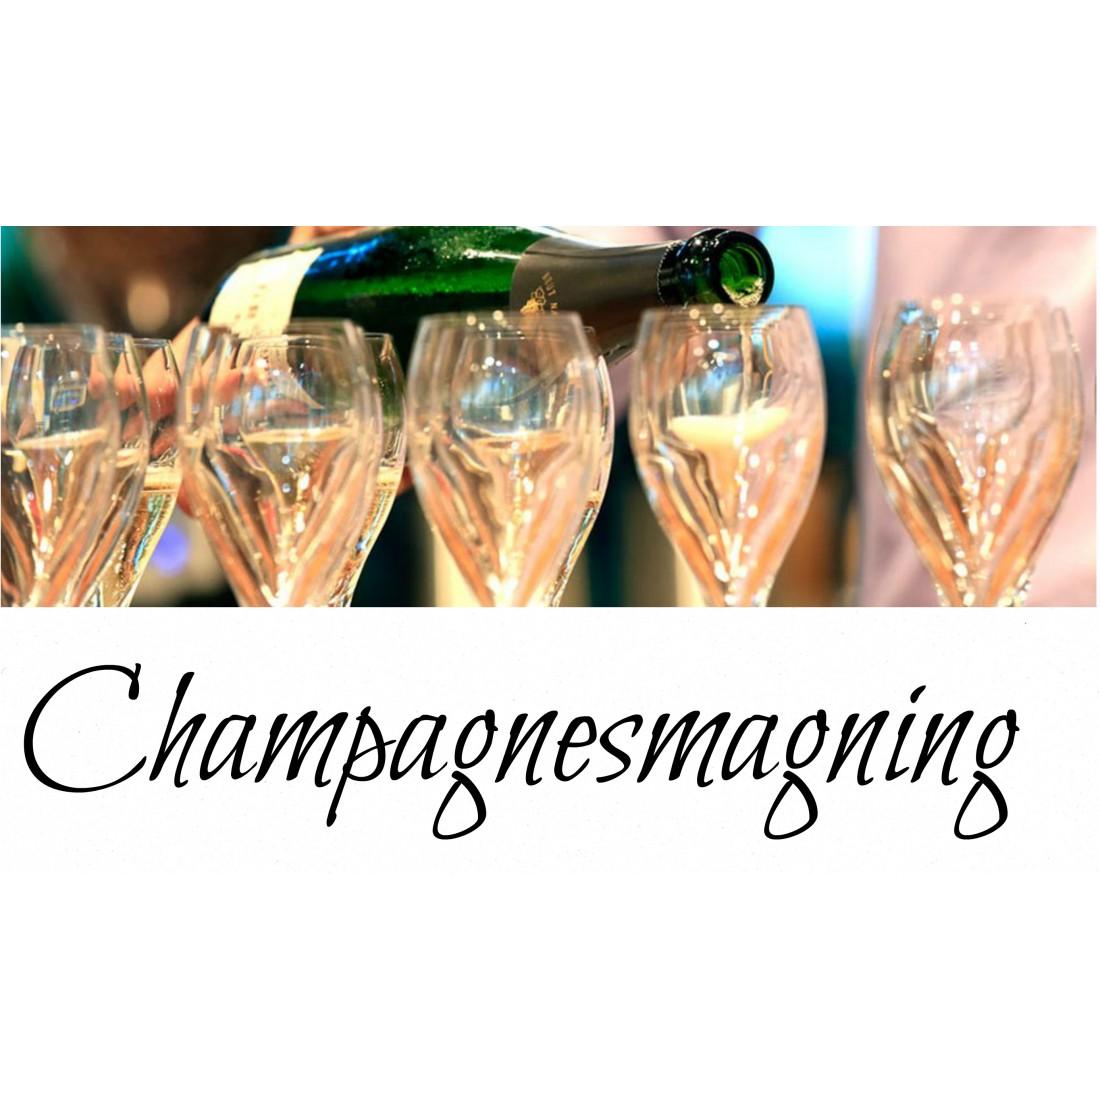 Champagnesmagning lørdag den 7 september kl. 19.00 I ChampagneKælderen-31